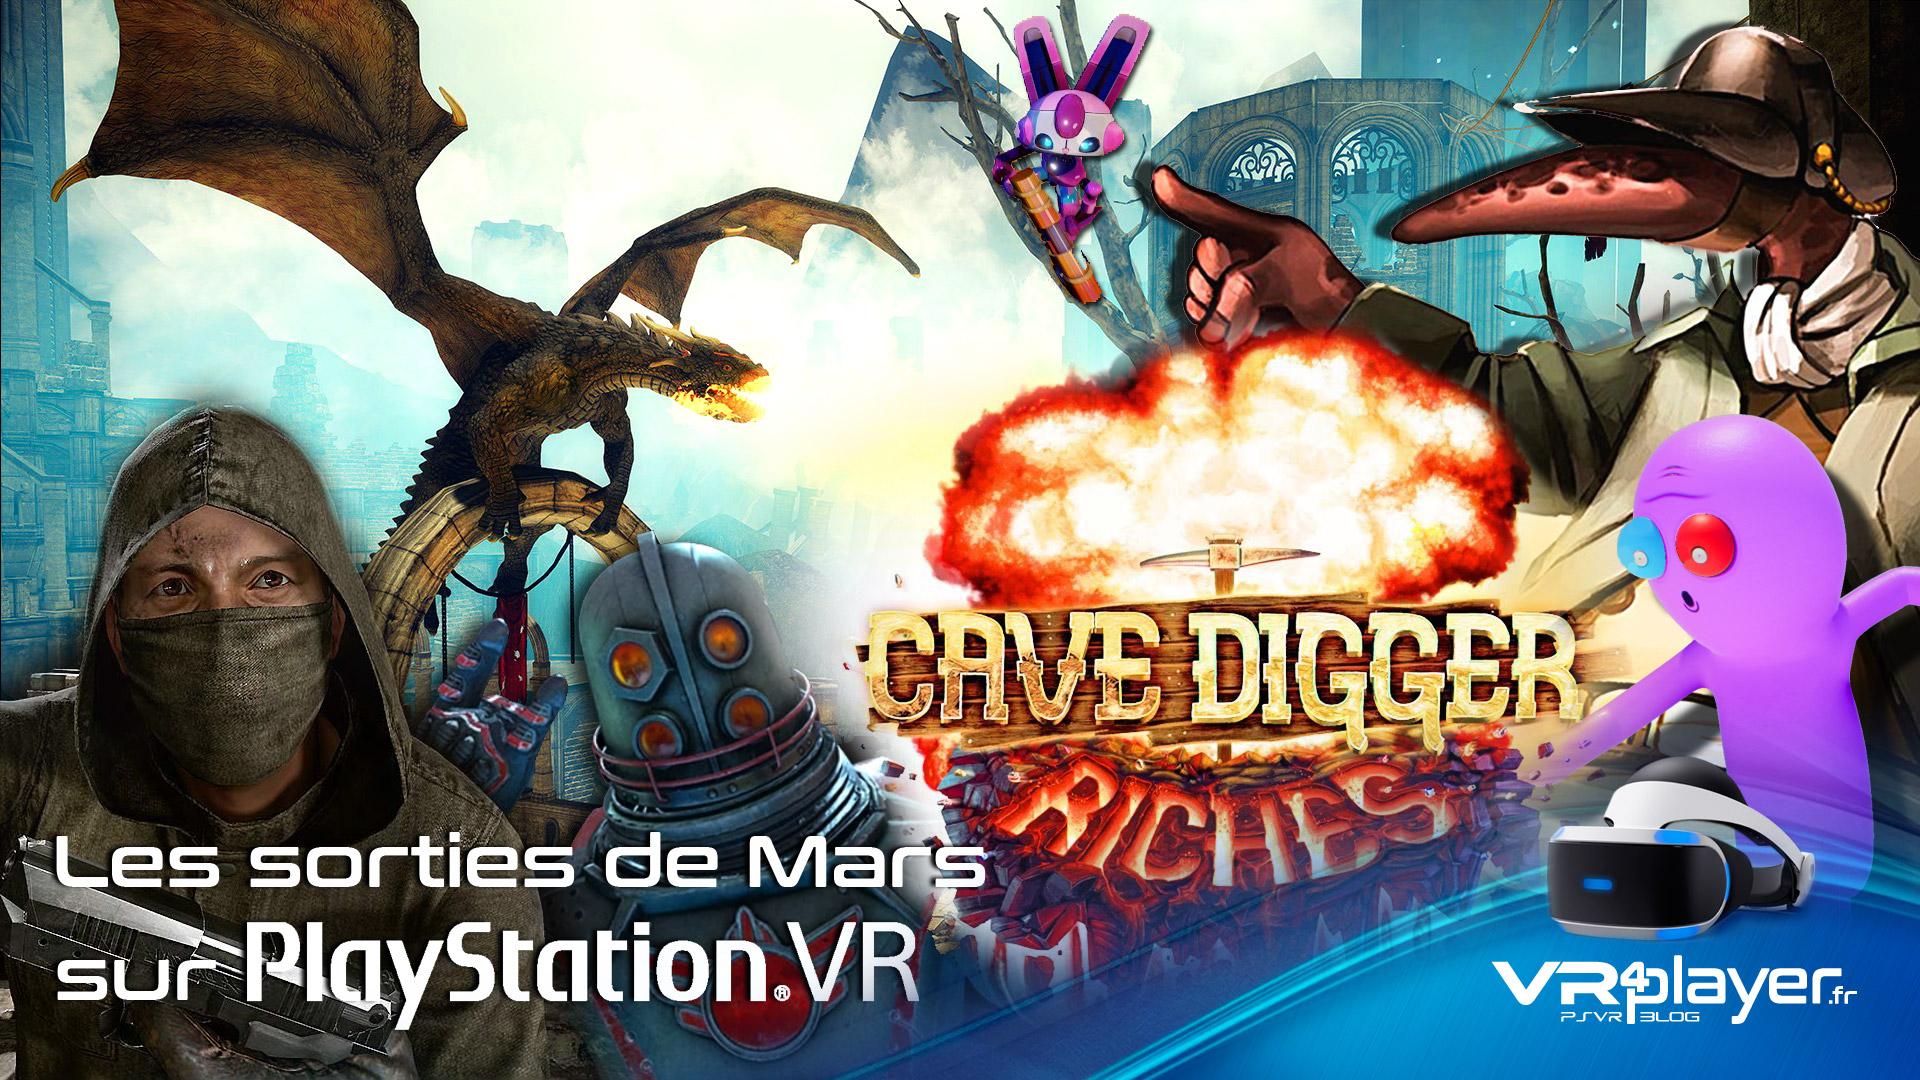 les sorties de jeux PSVR en mars - vr4player.fr